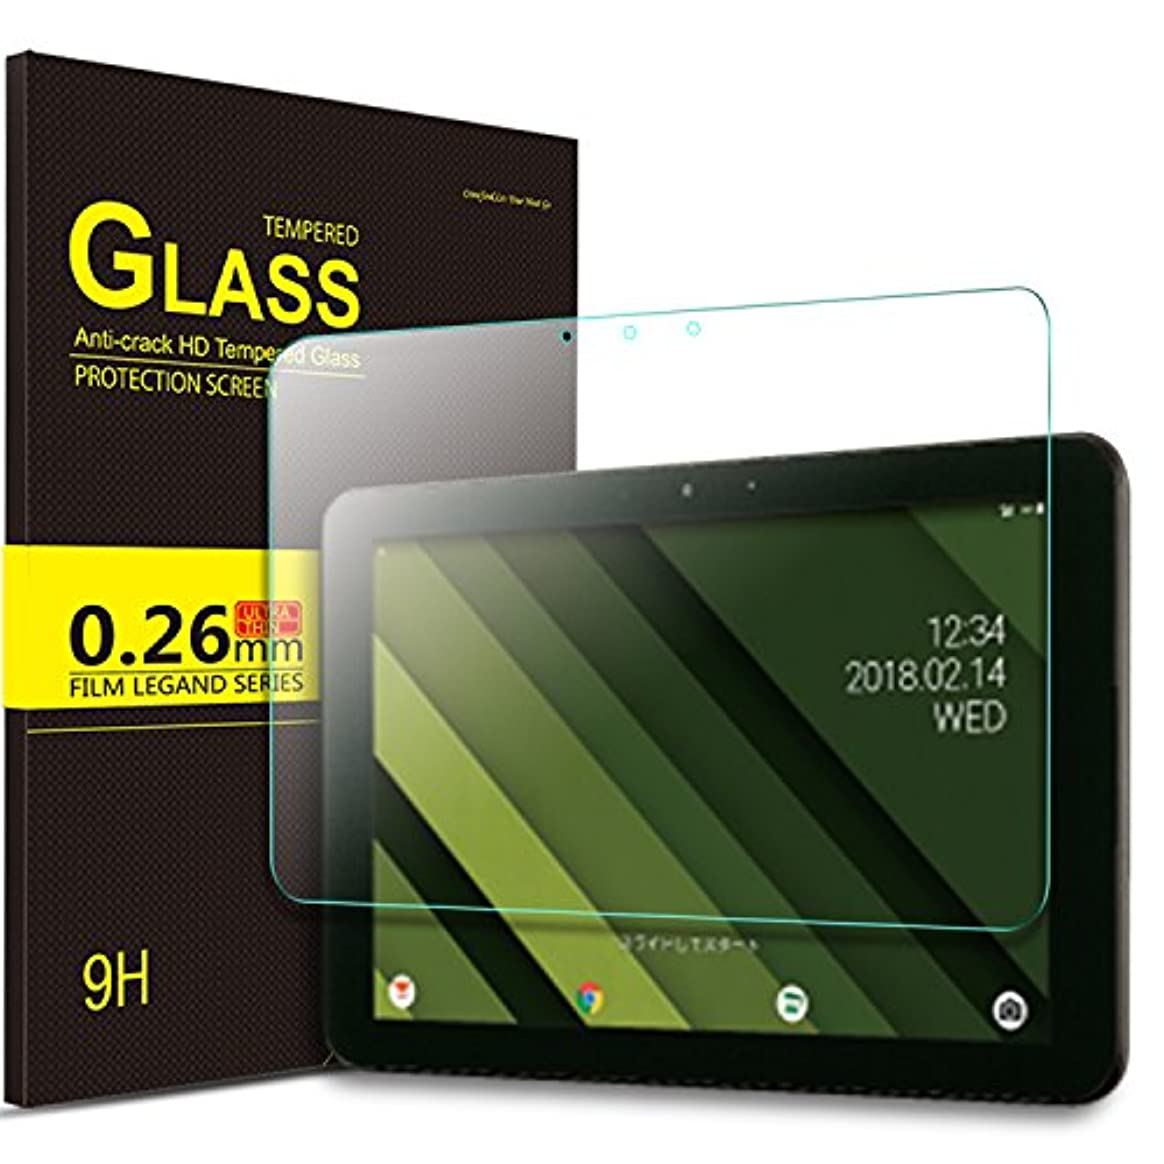 ラバ上げる信頼性のあるIVSO Qua tab QZ10 KYT33 タブレット ガラスフィルム 新型 au Qua tab QZ10 タブレット 強化ガラスフィルム 耐指紋 撥油性 表面硬度9H ラウンド加工処理 飛散防止処理 高透過率 光沢表面仕様 画面保護 指紋防止 保護シート - Au Qua tab QZ10専用 液晶保護フィルム